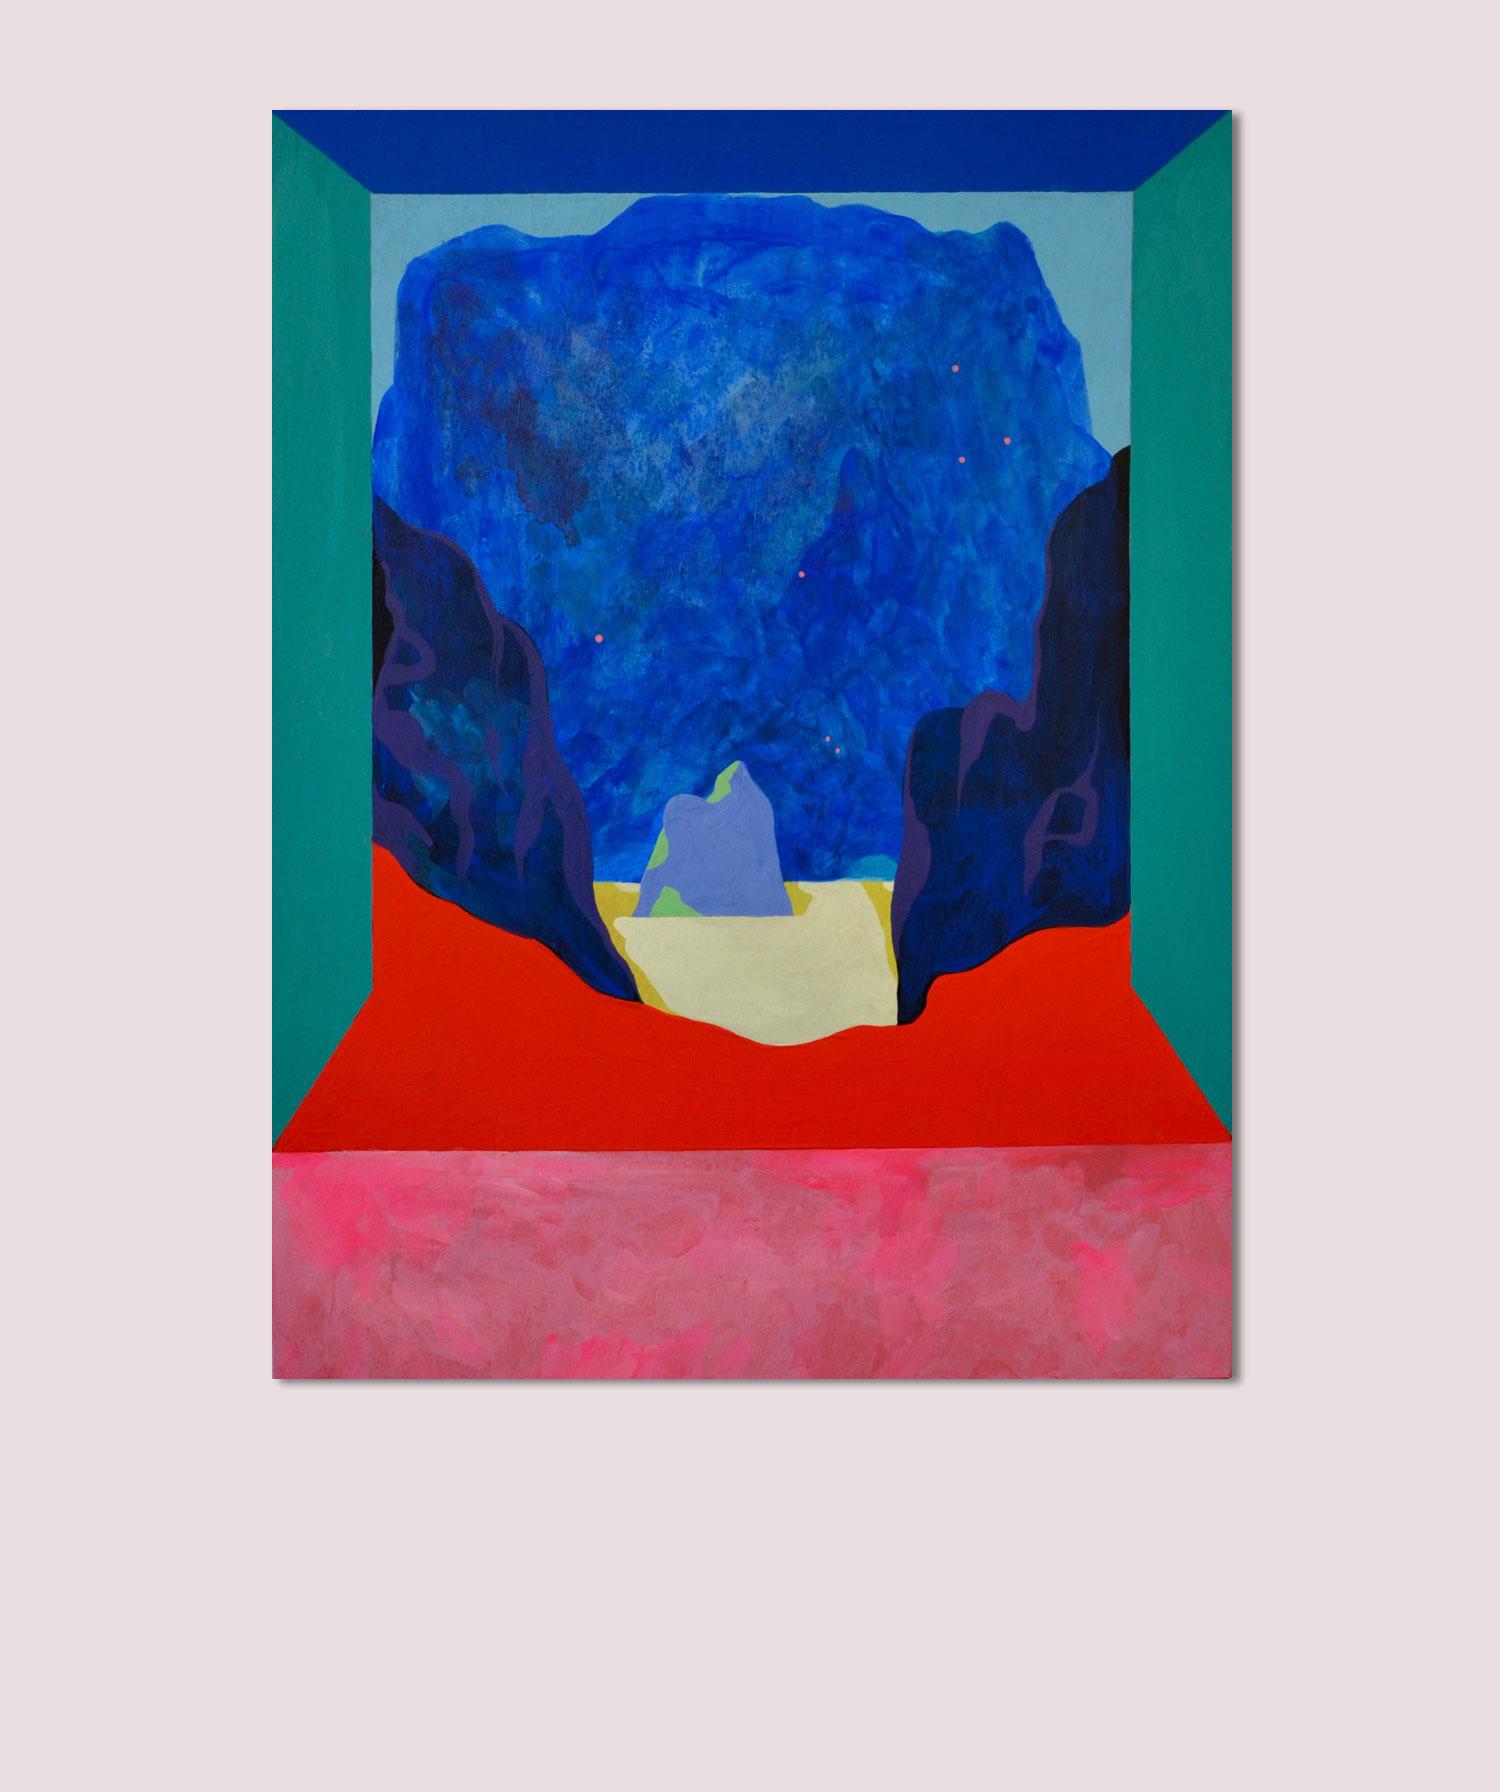 Marseille If. Peinture sur bois. 2017. Vue d'exposition (Double V Gallery, Marseille).